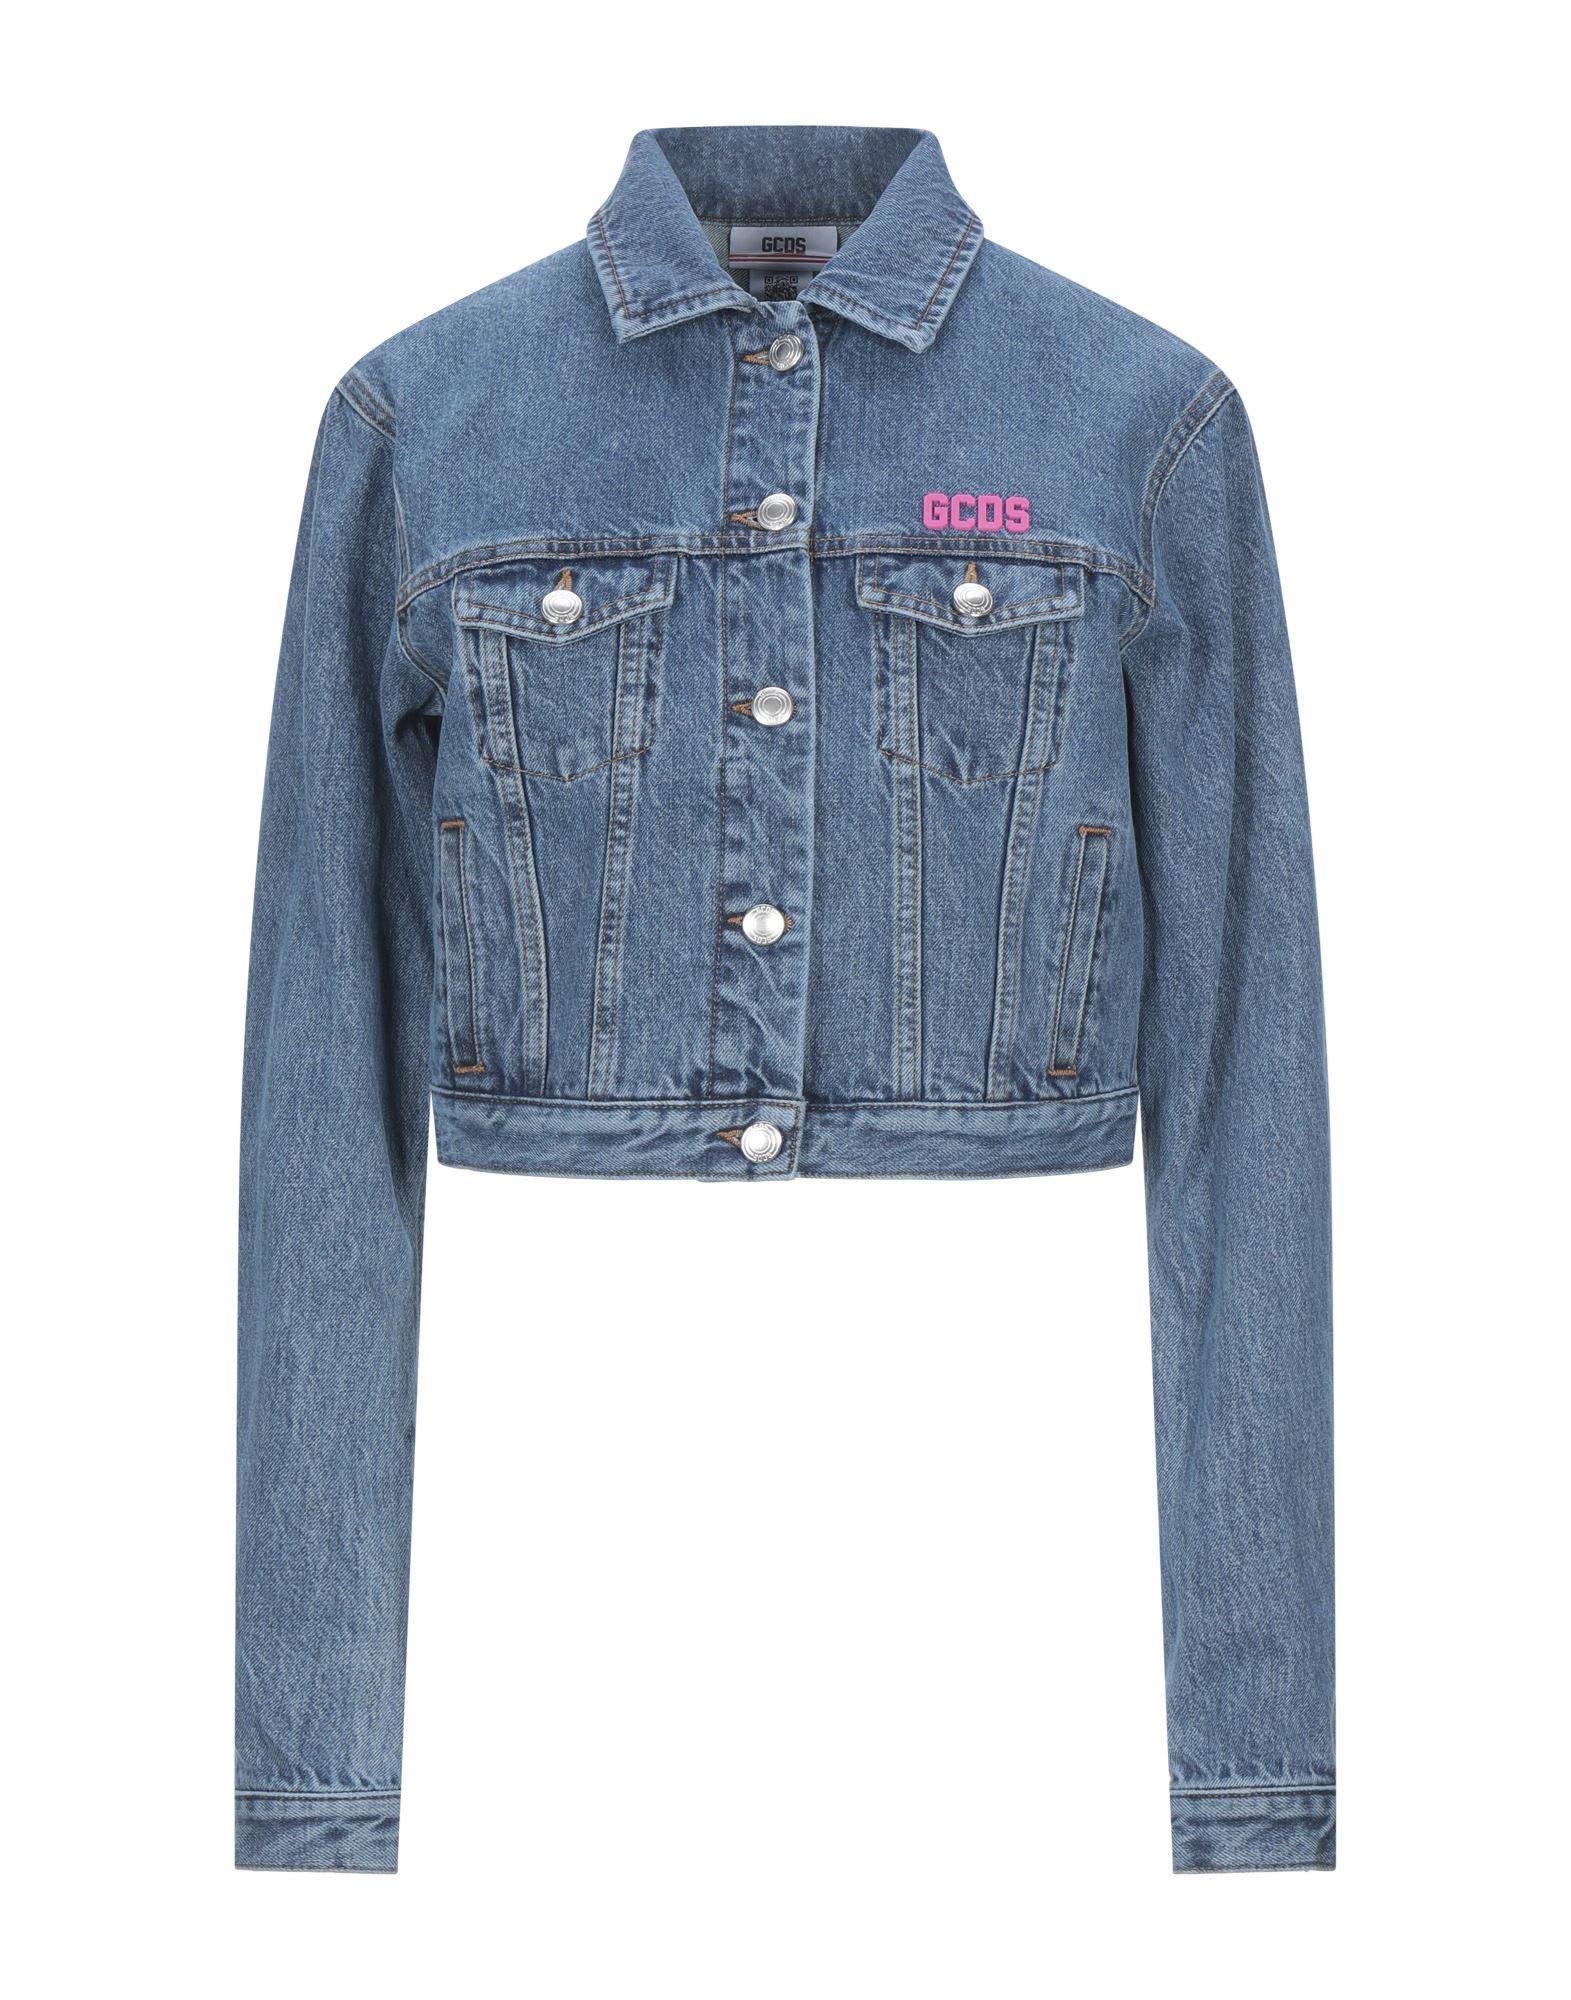 Фото - GCDS Джинсовая верхняя одежда goldsign джинсовая верхняя одежда